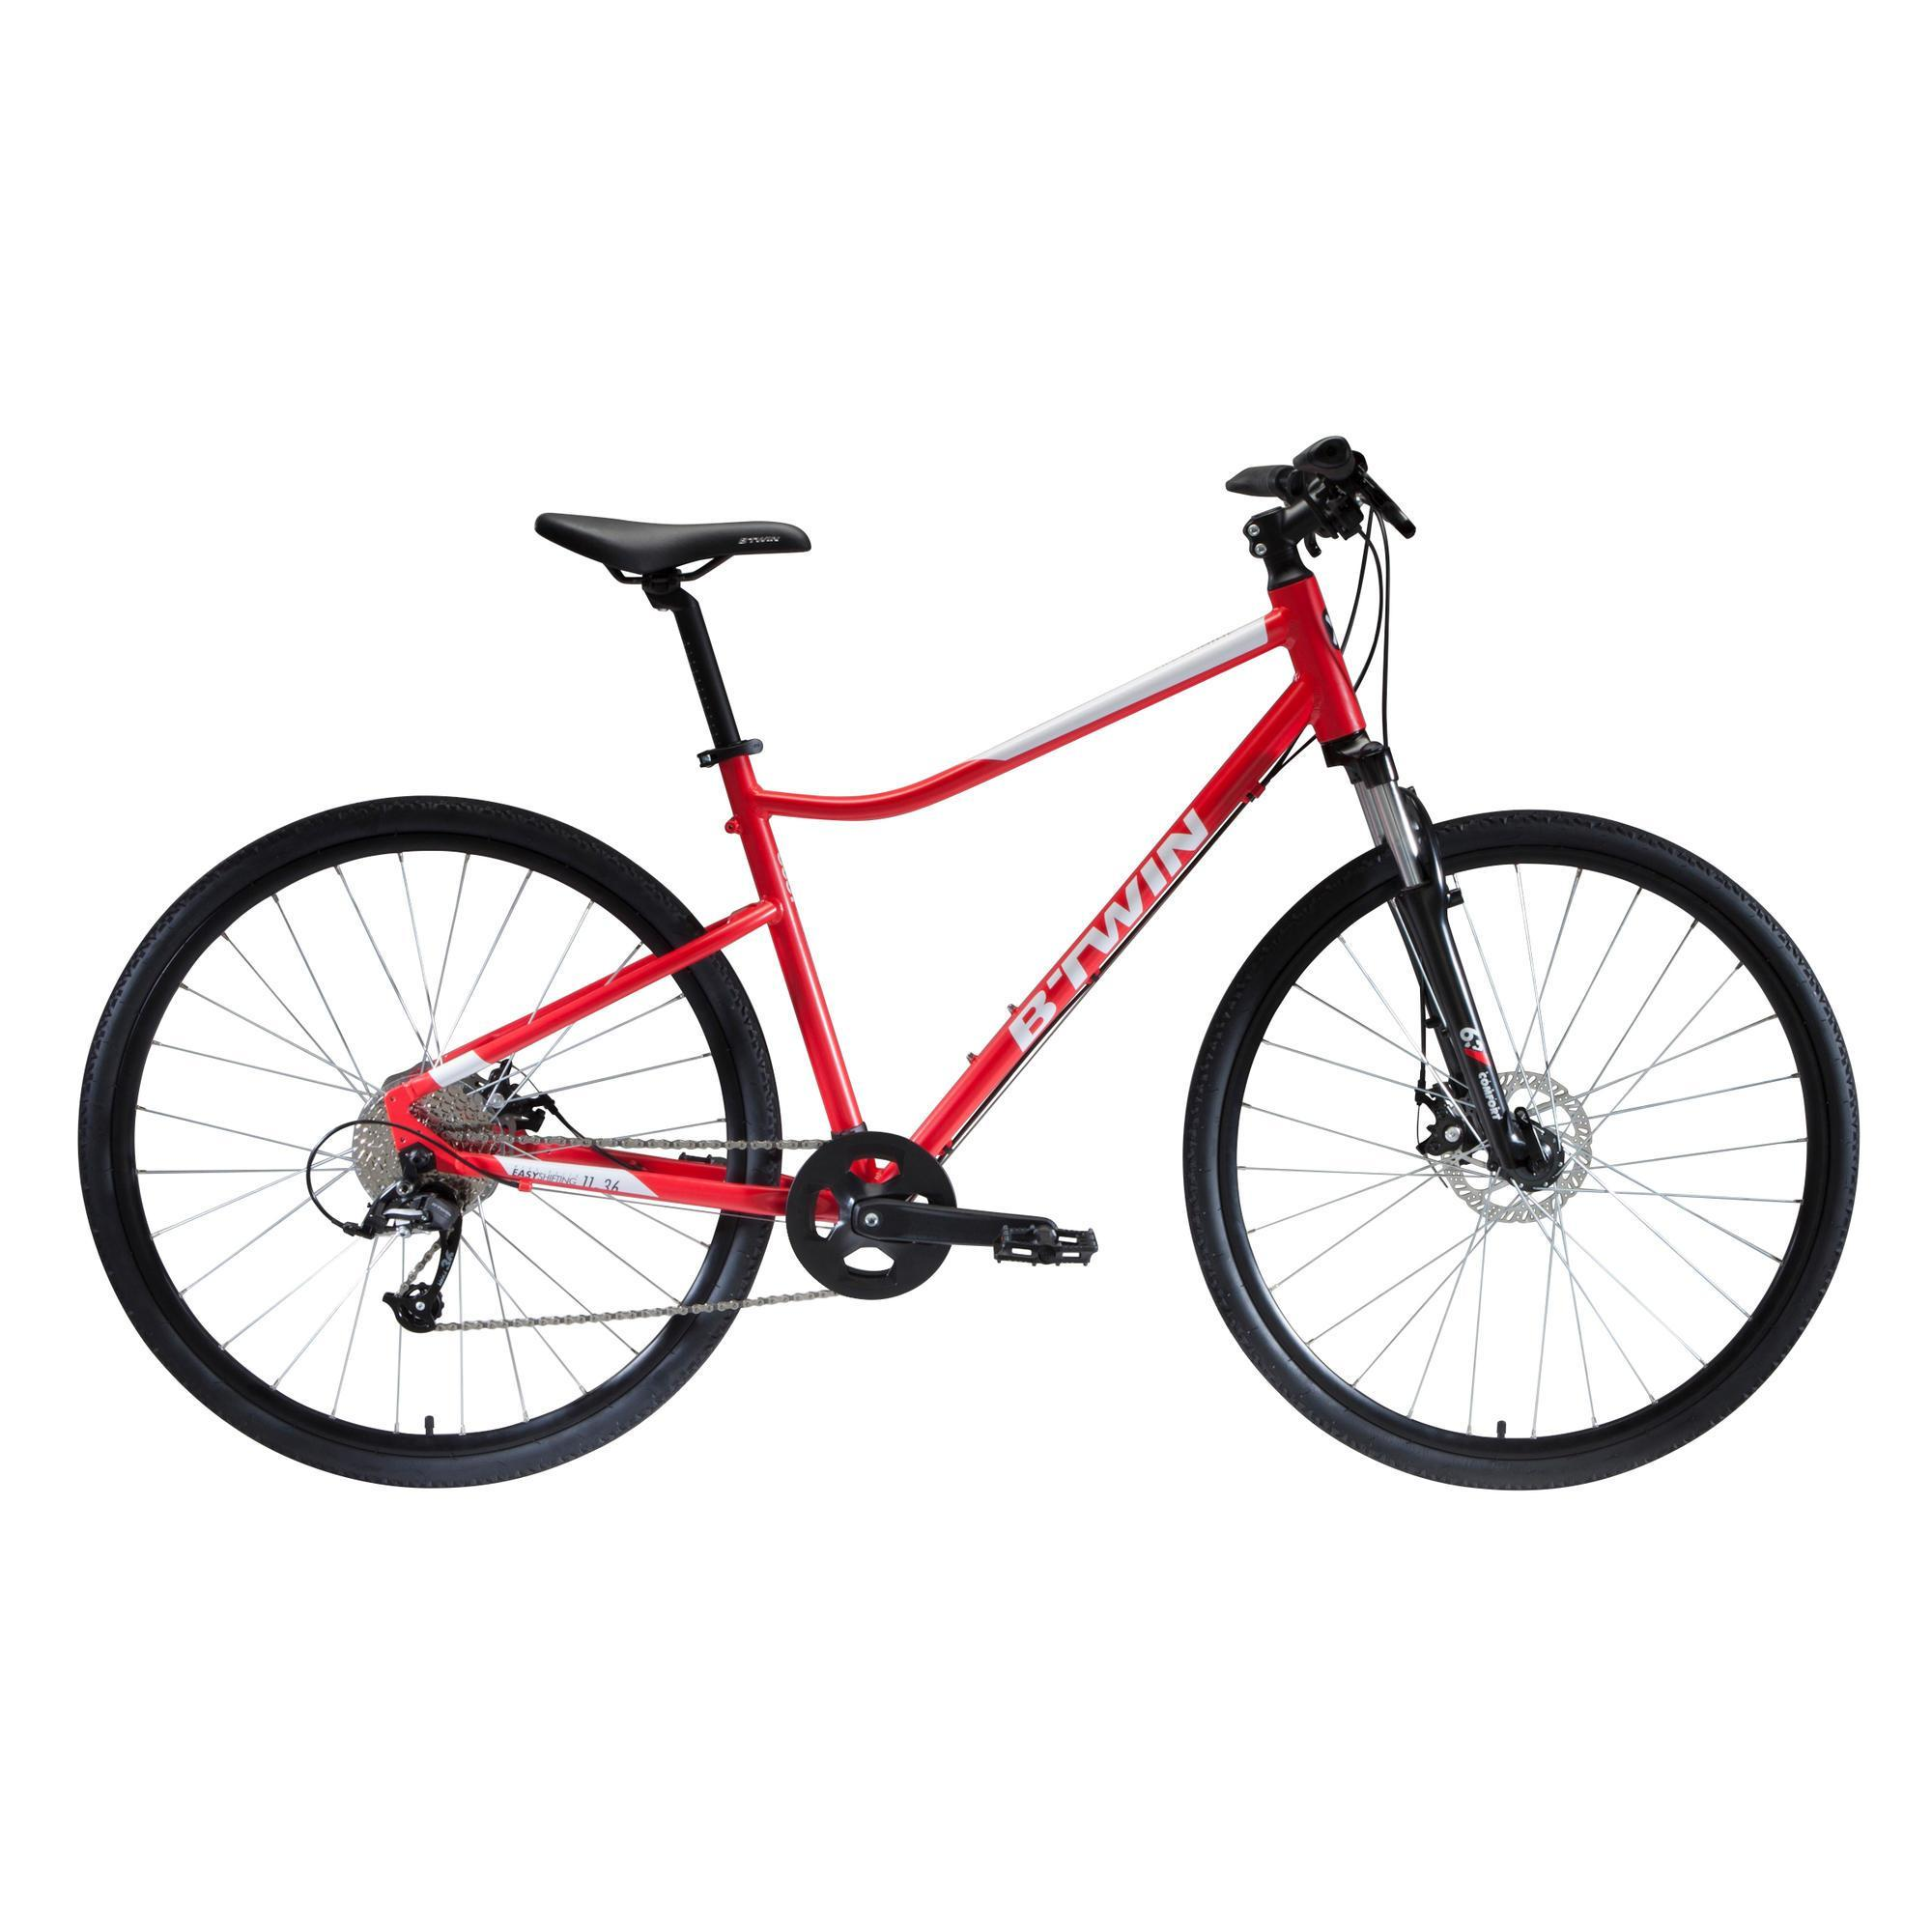 B'twin Hybridefiets Riverside 500 rood - fitness fiets met vering en schijfremmen